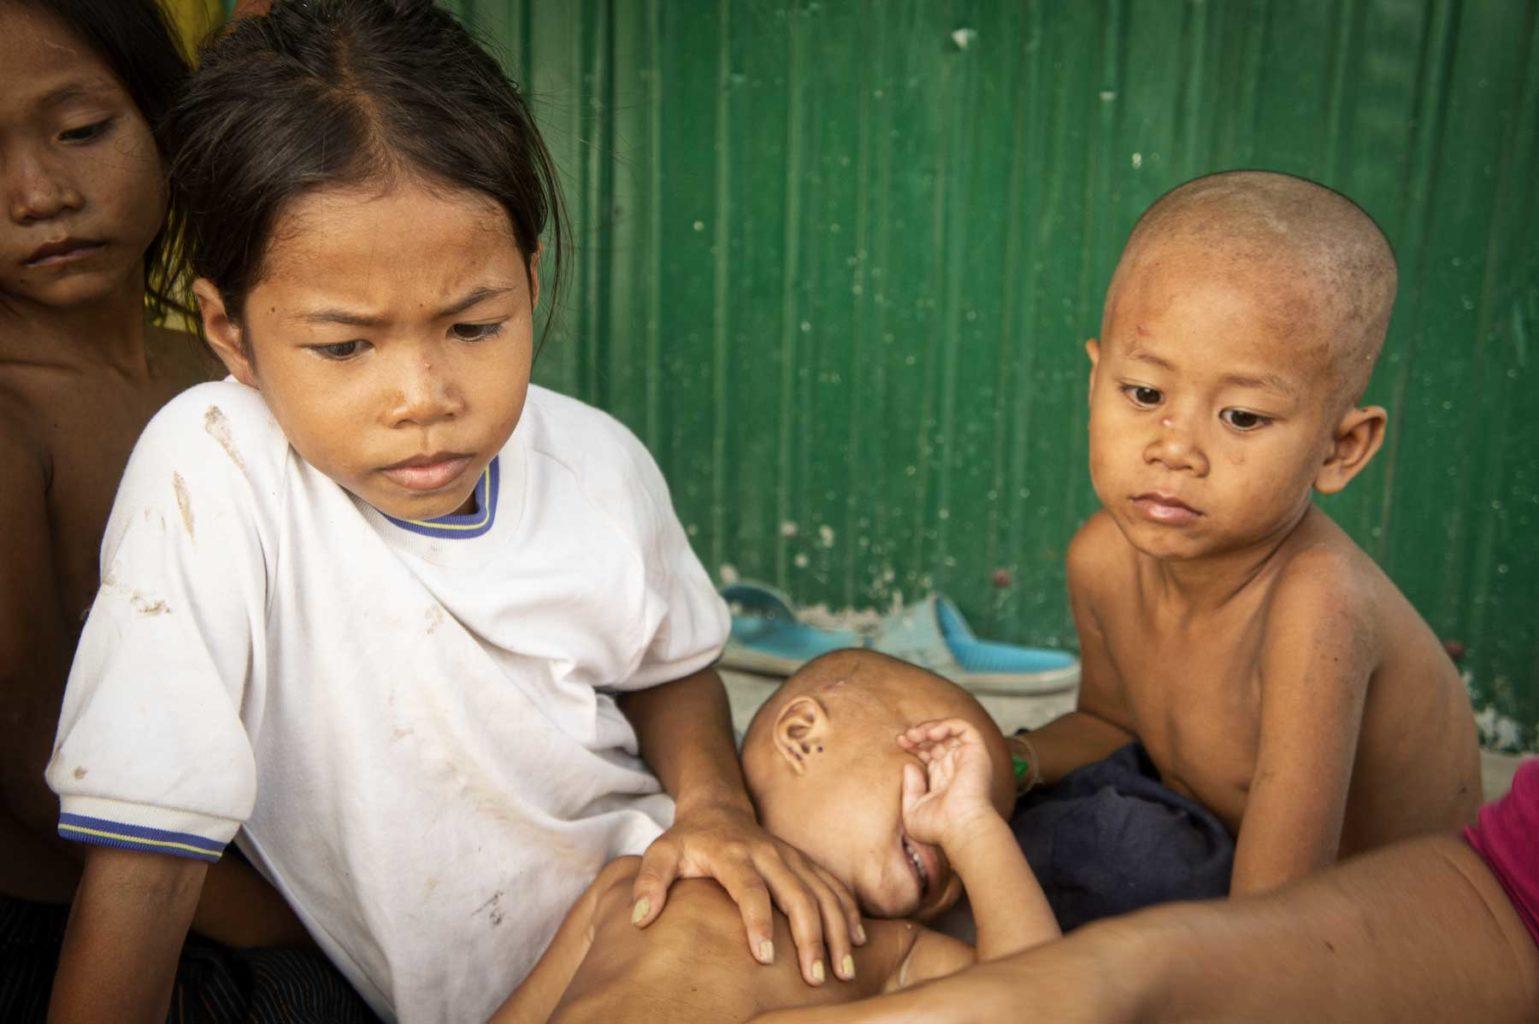 Petit garçon dans une grande souffrance localisé par nos volontaires au Cambodge. Dans les cas les plus difficiles, nous accueillons les enfants dans notre centre de protection de l'enfance de Battambang